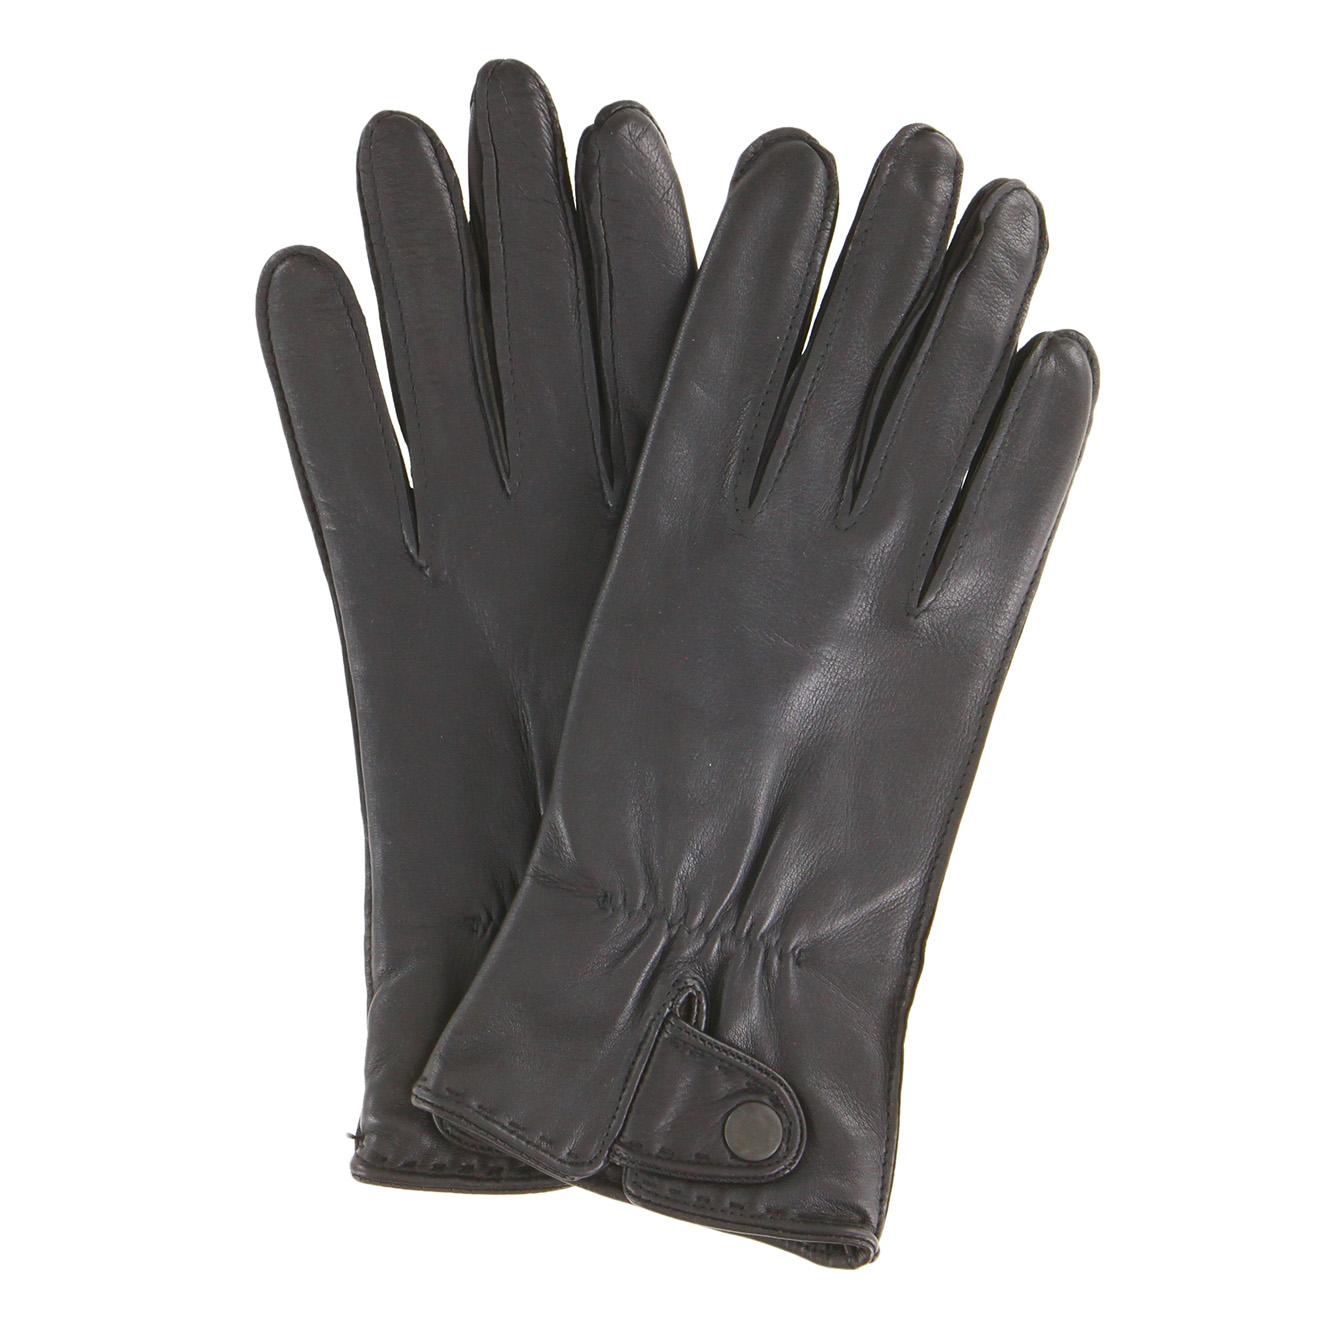 Gants en Cuir de Cerf doublure Textile noirs